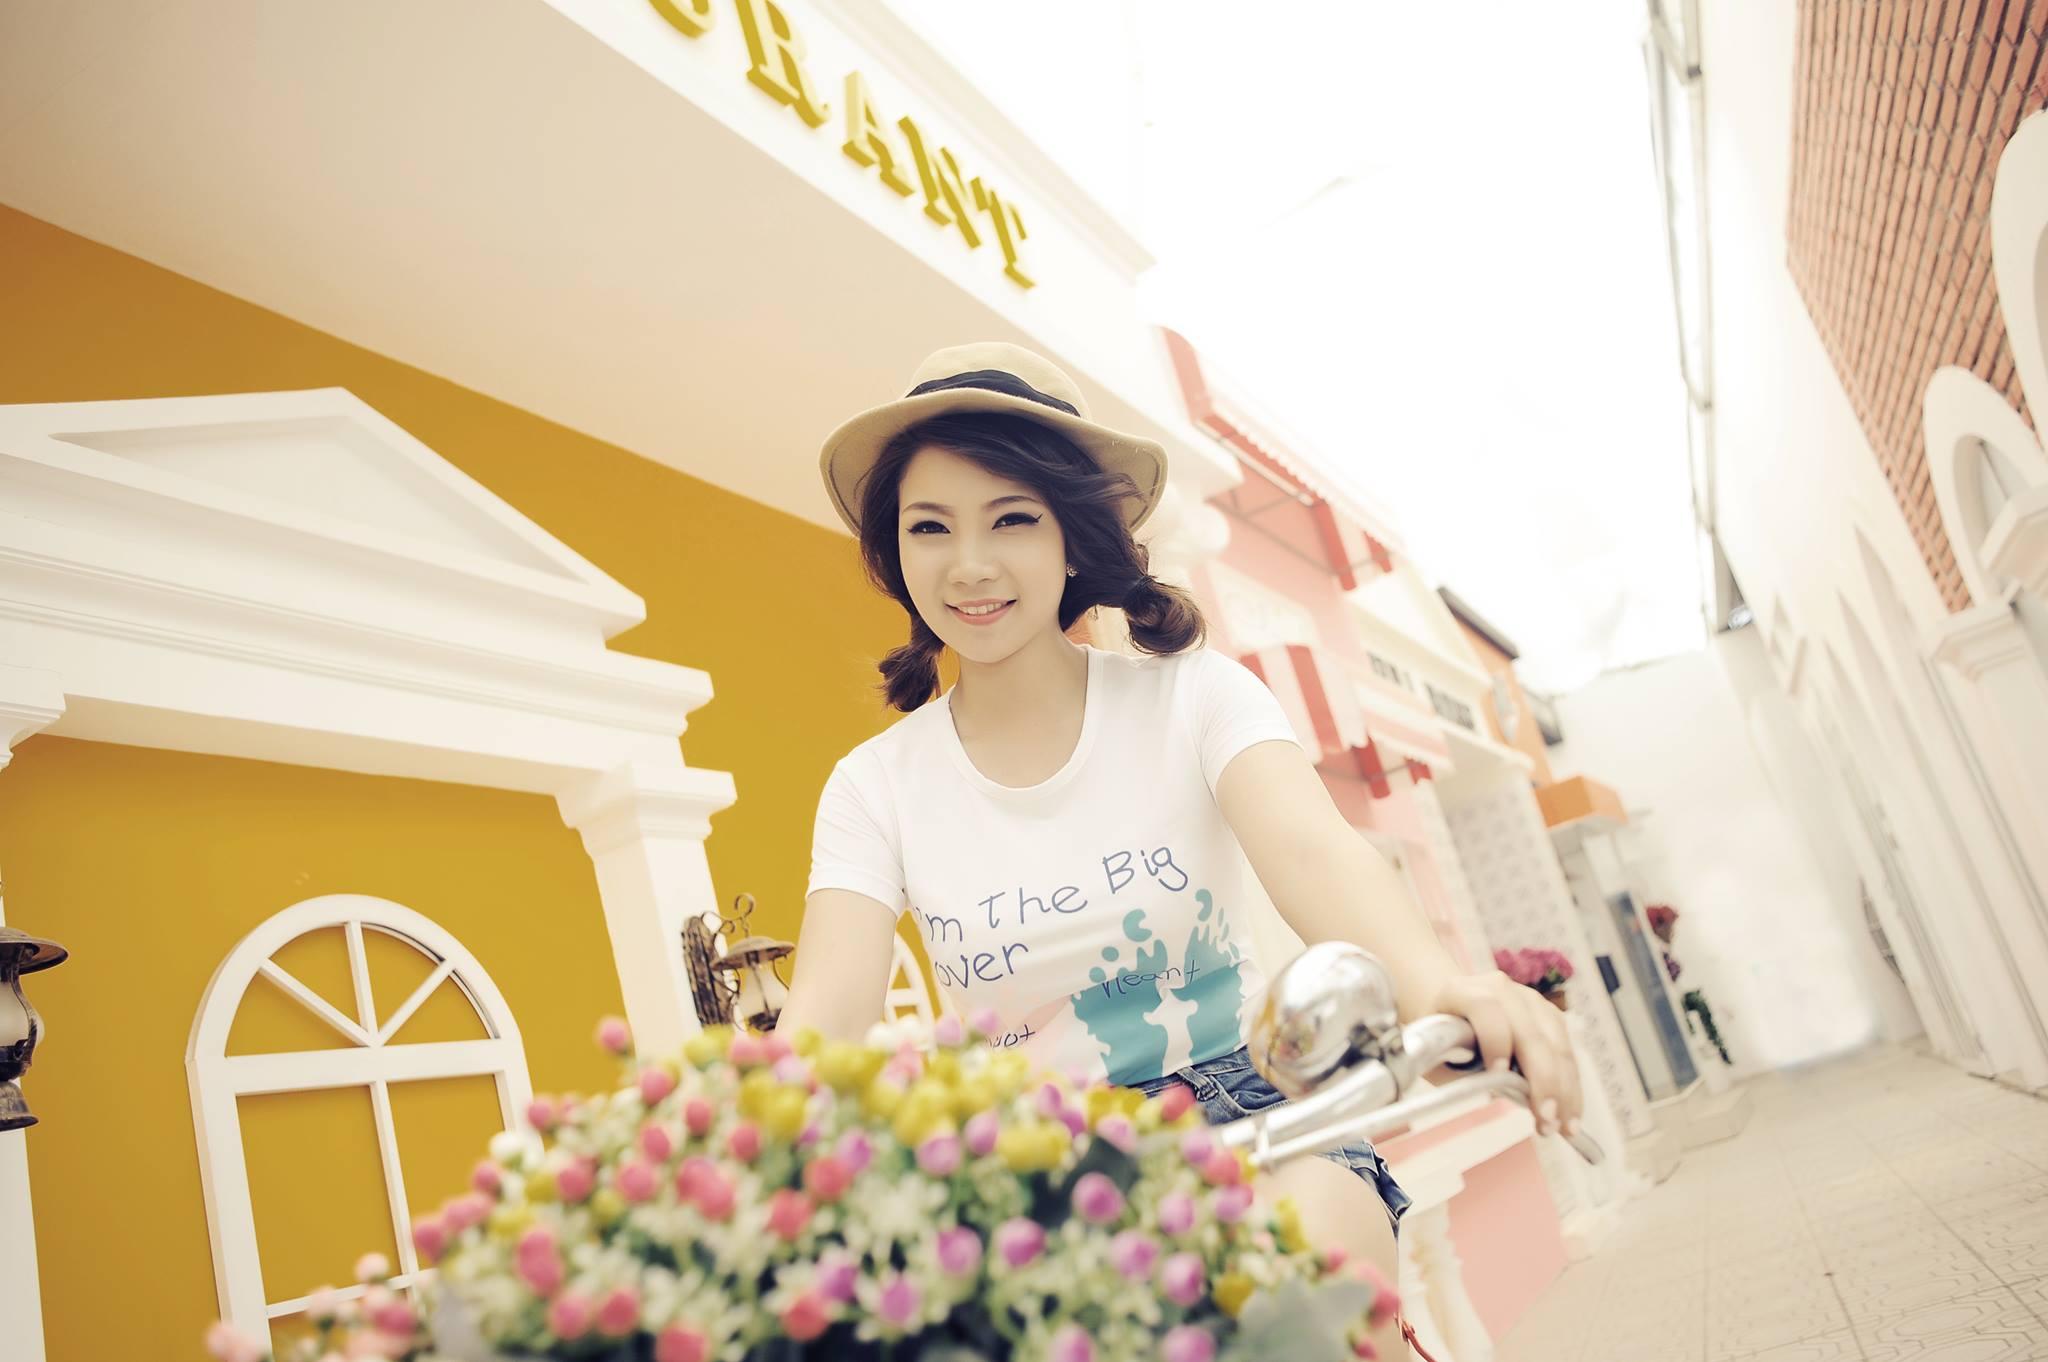 GOADESIGN Thiết Kế Phim Trường Amor Đồng Nai (50)